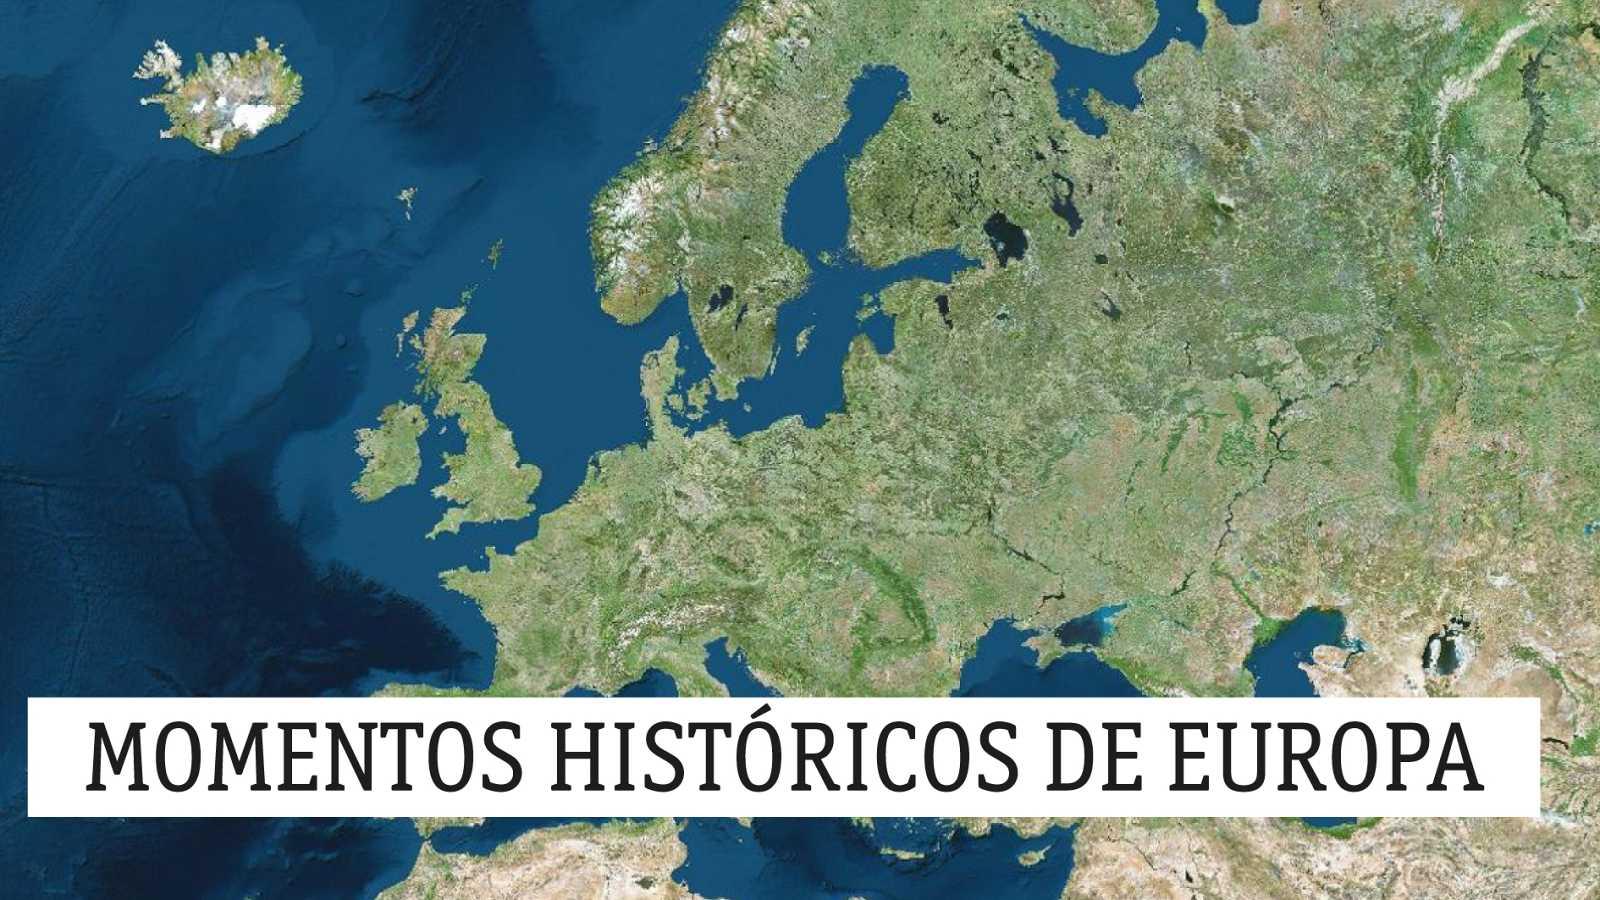 Momentos históricos de Europa - El miedo en Occidente, de Jean Delumeau - 29/11/20 - escuchar ahora